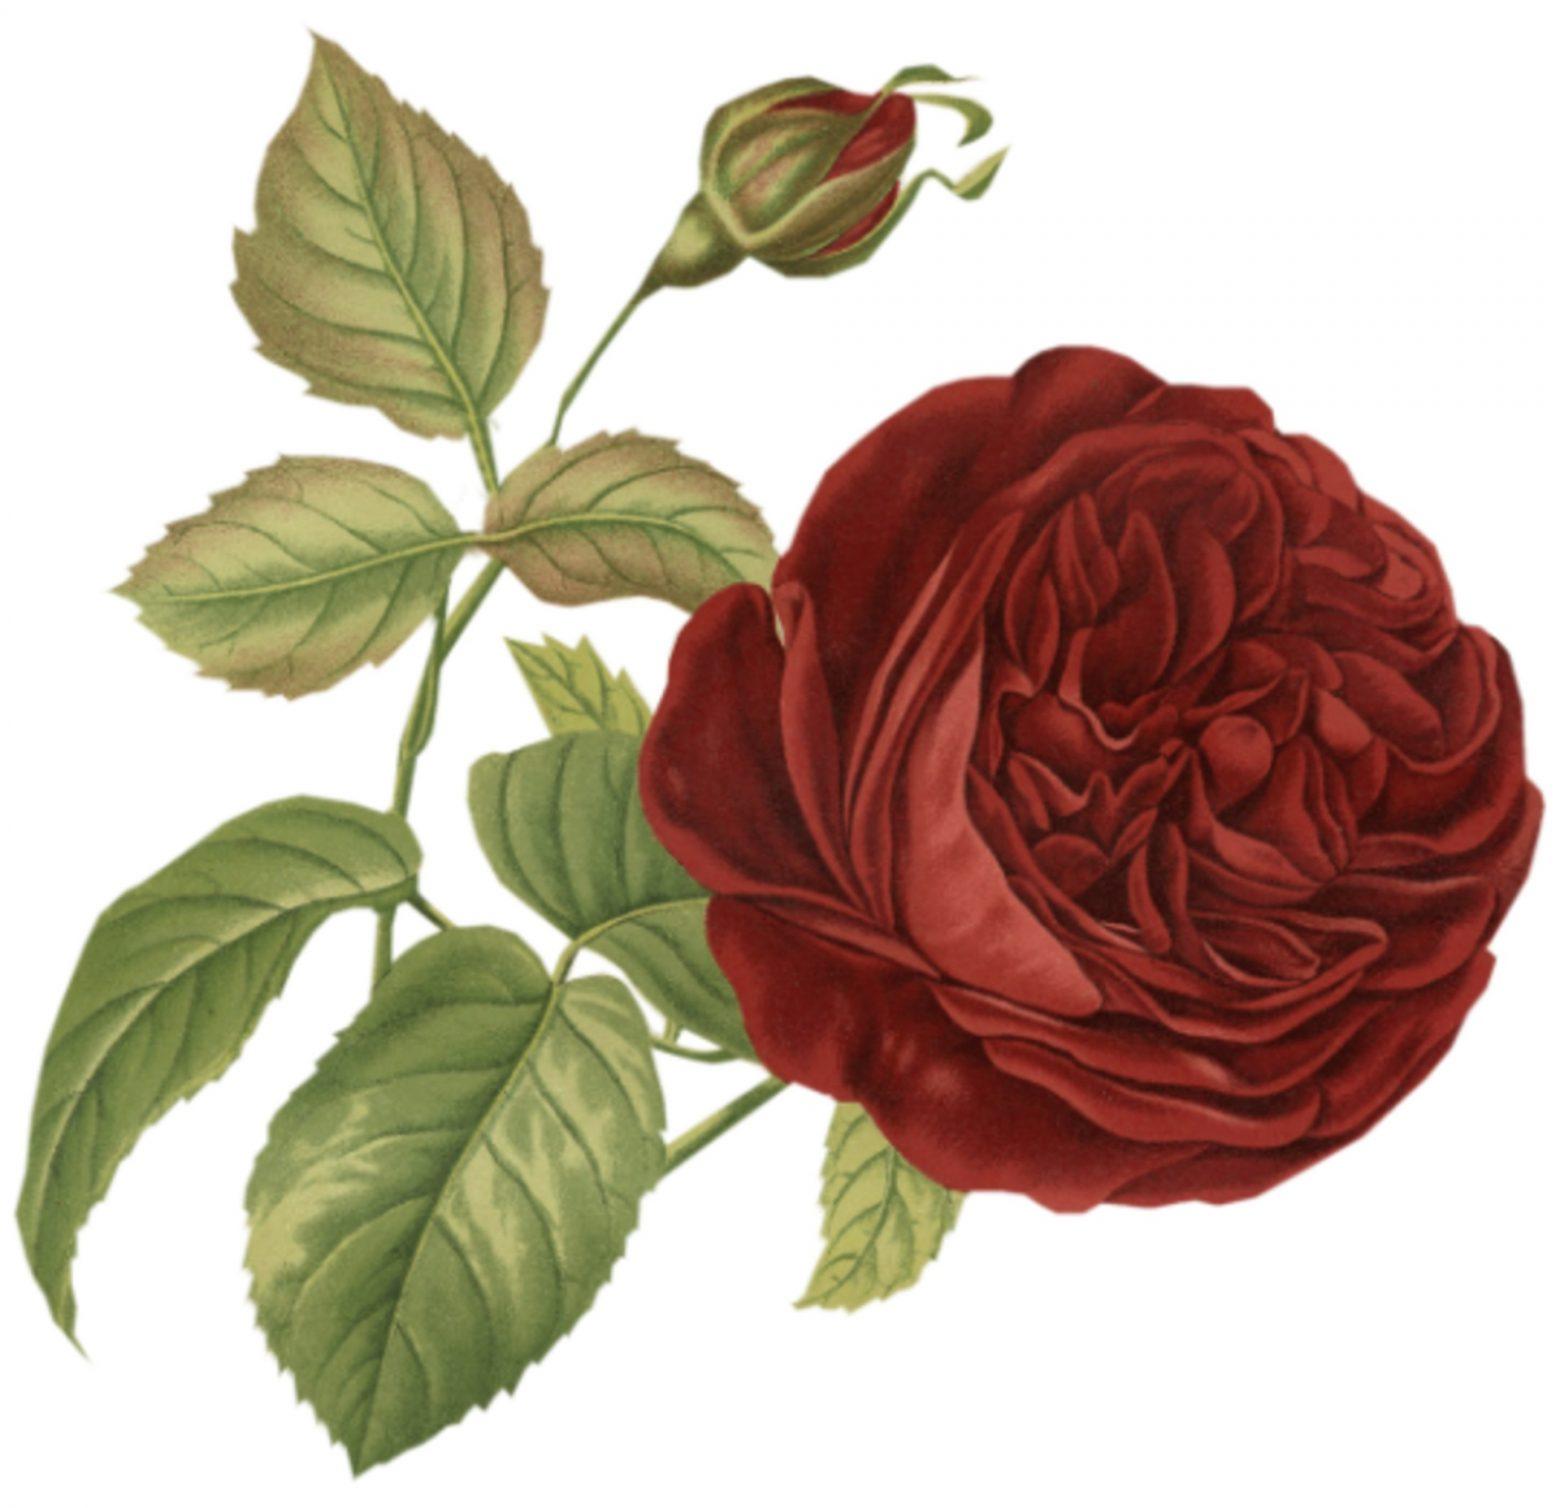 rose-1077964